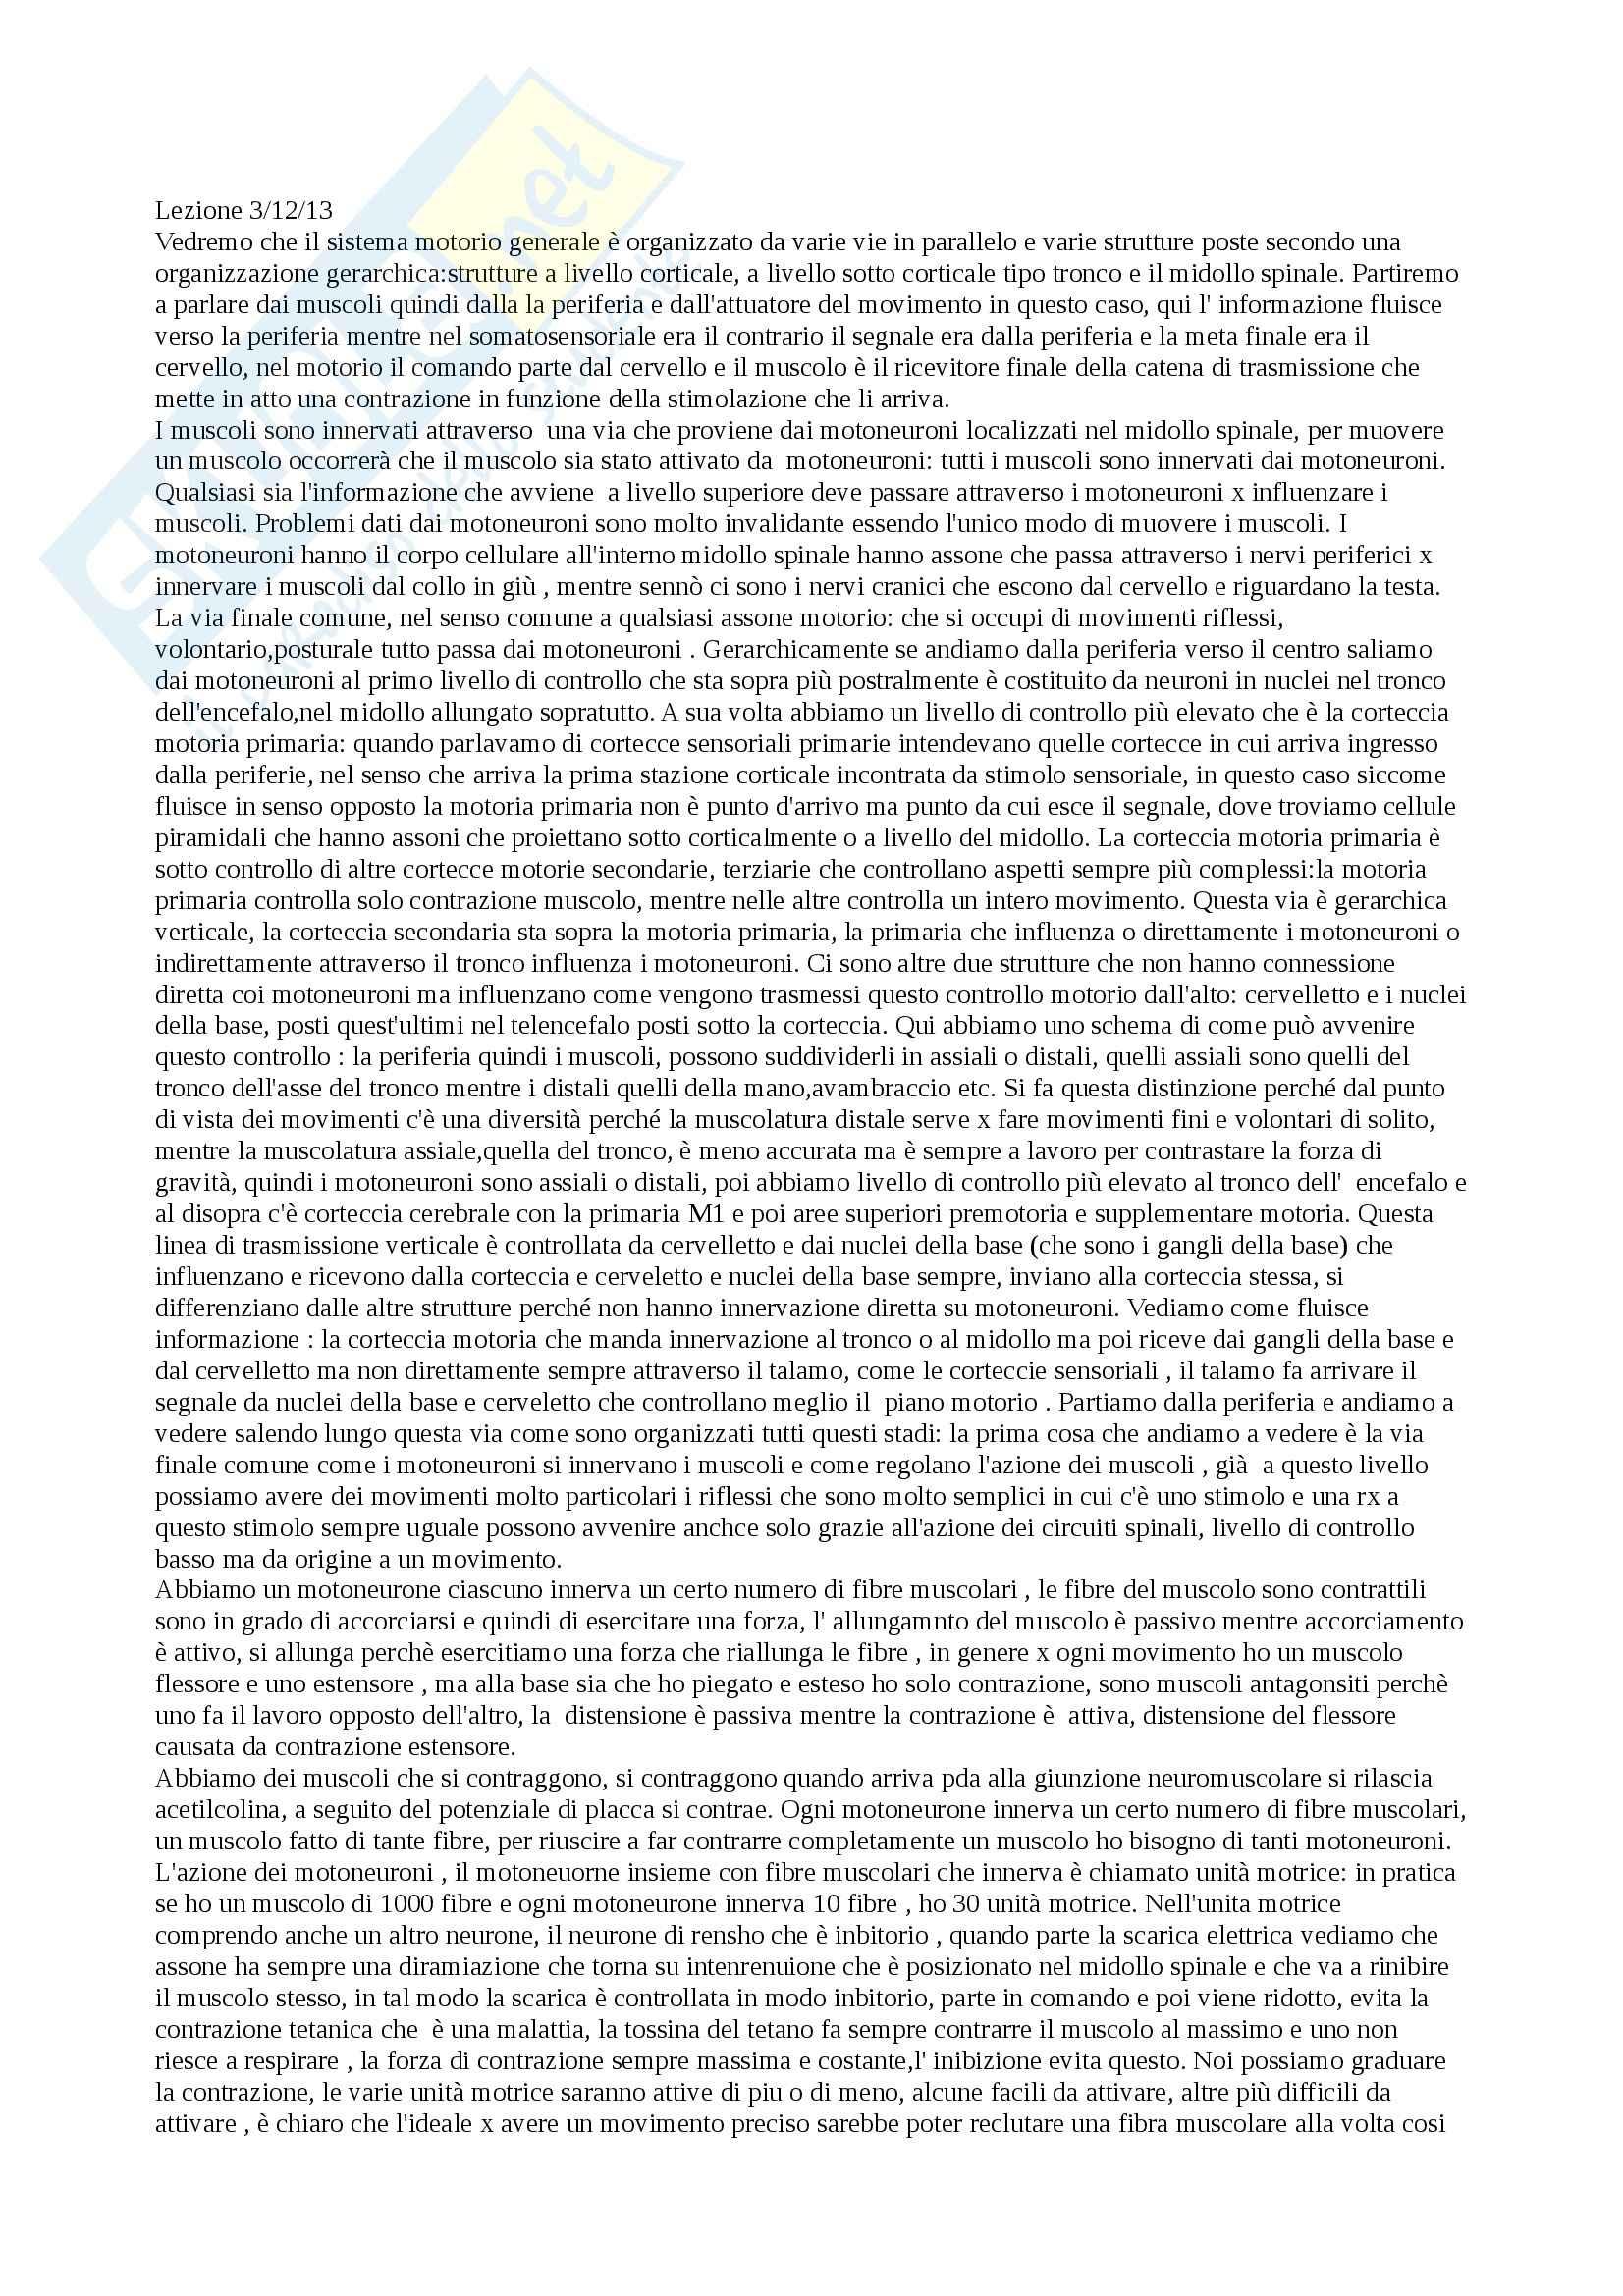 Fondamenti anatomo-fisiologici dell'attività psichica - Appunti